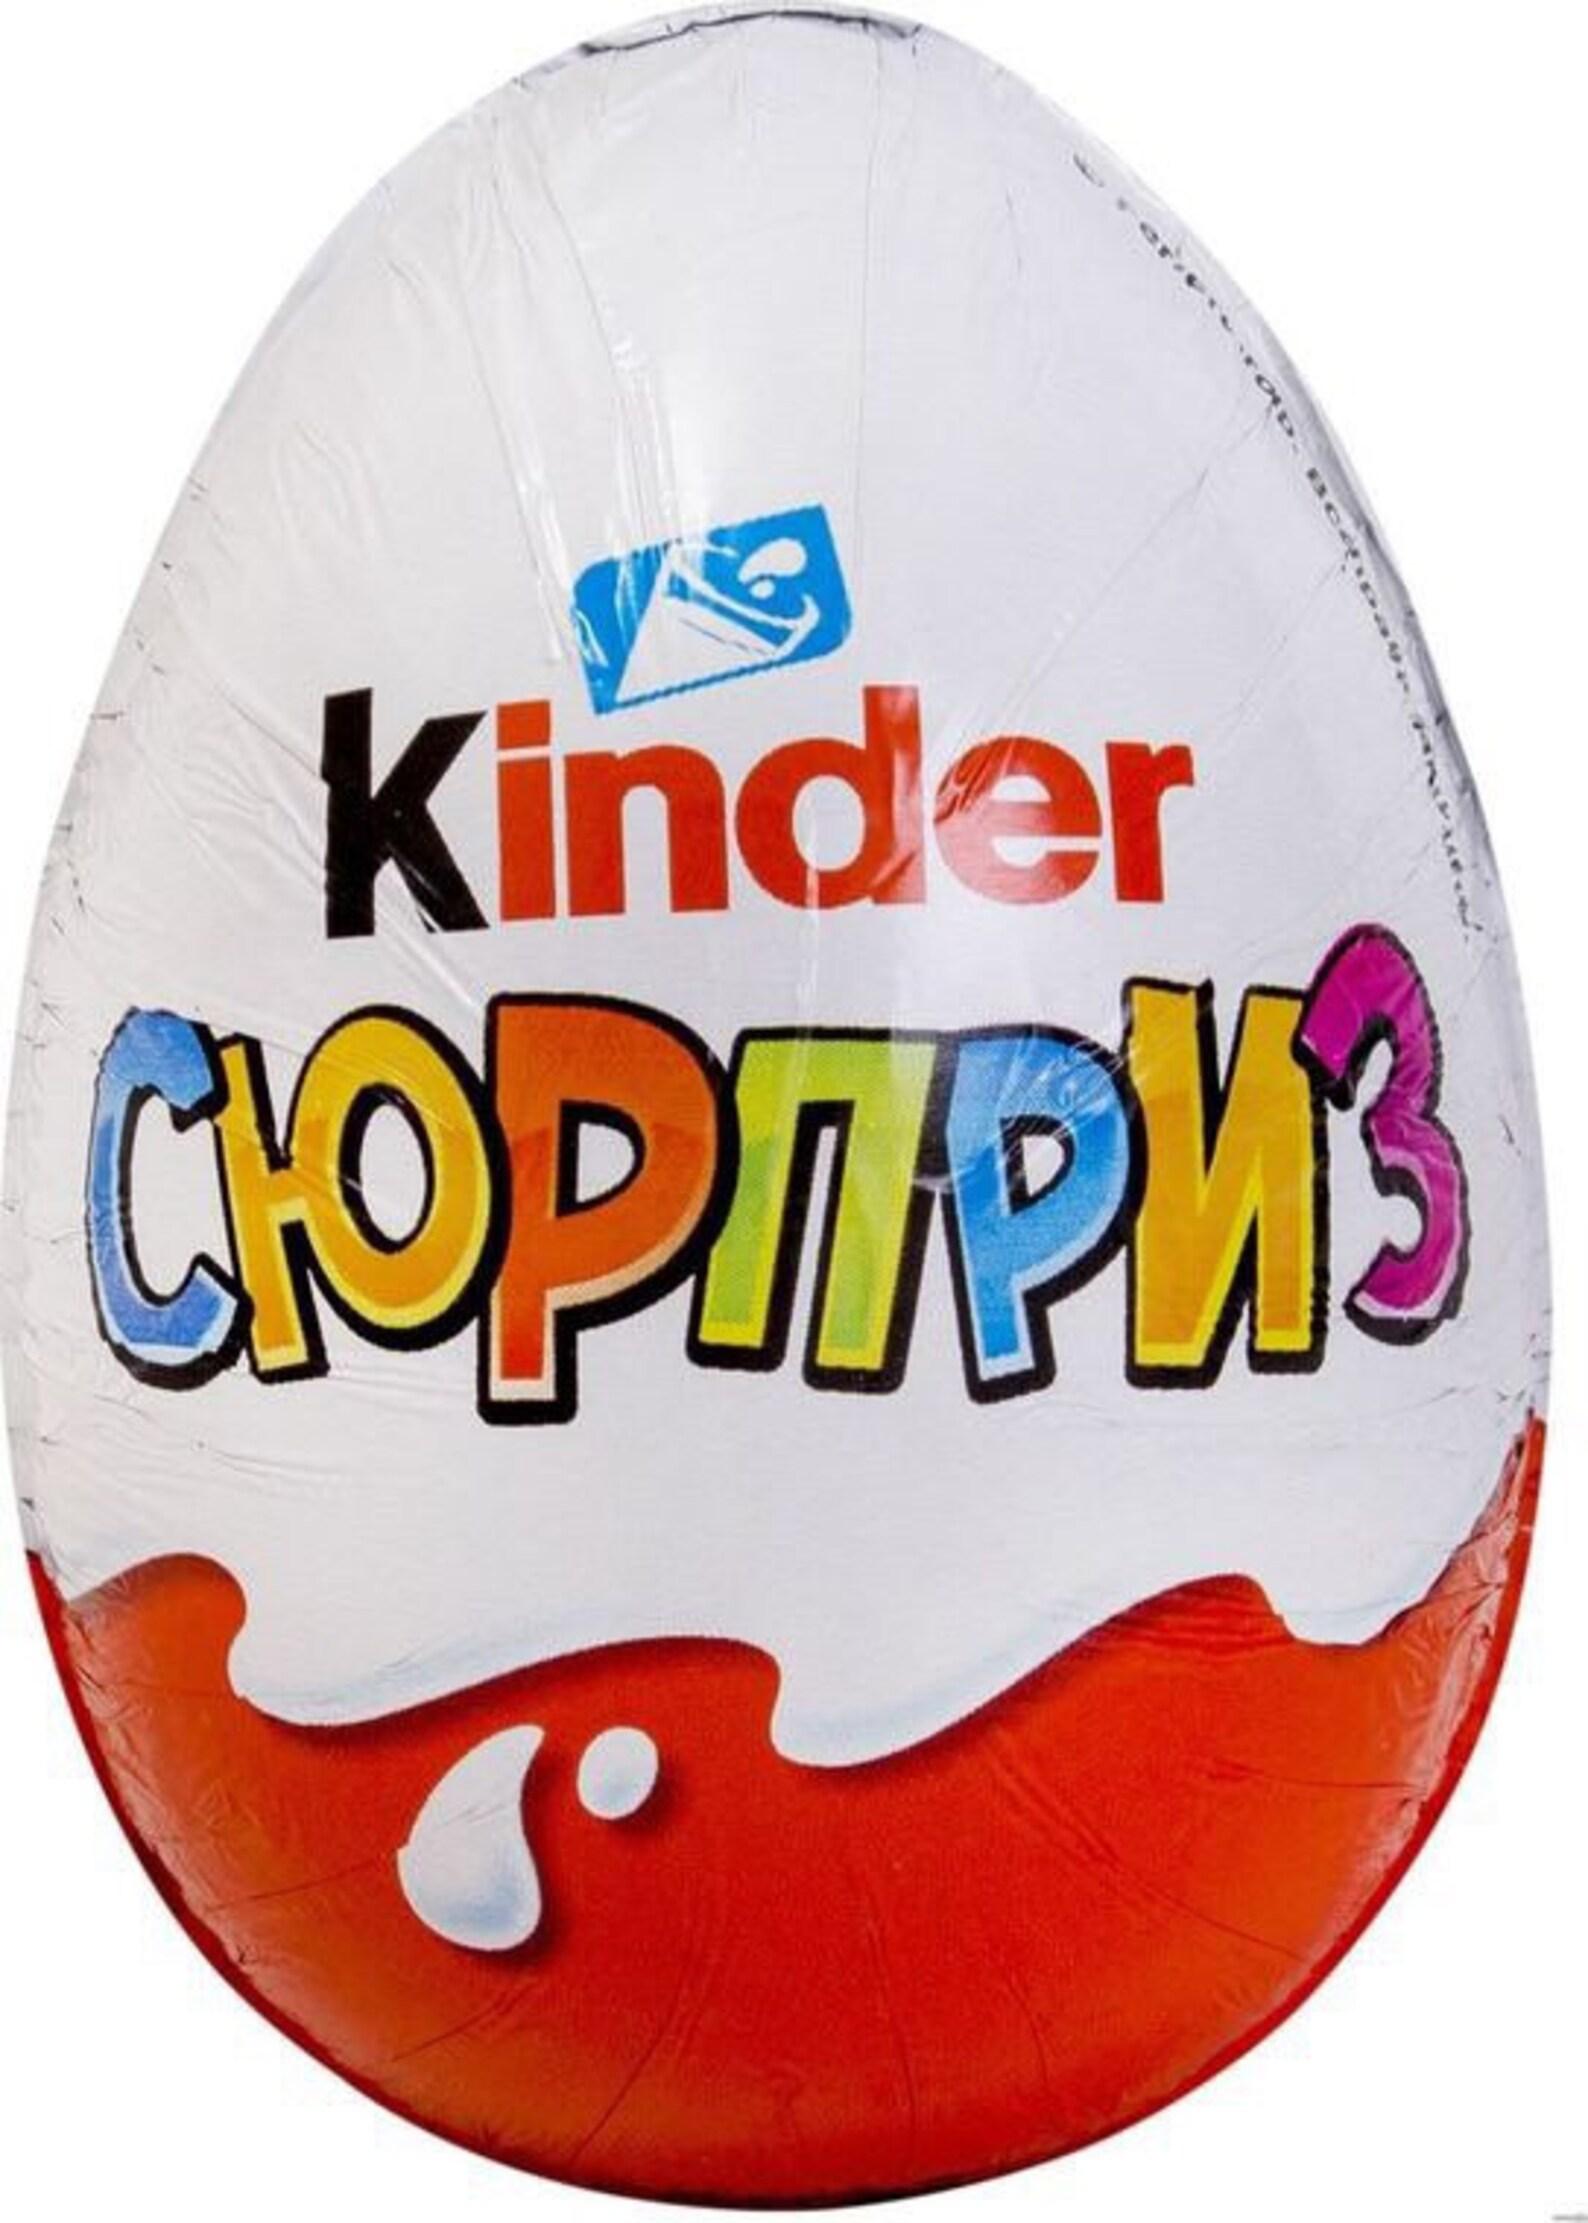 4 kinder surprise